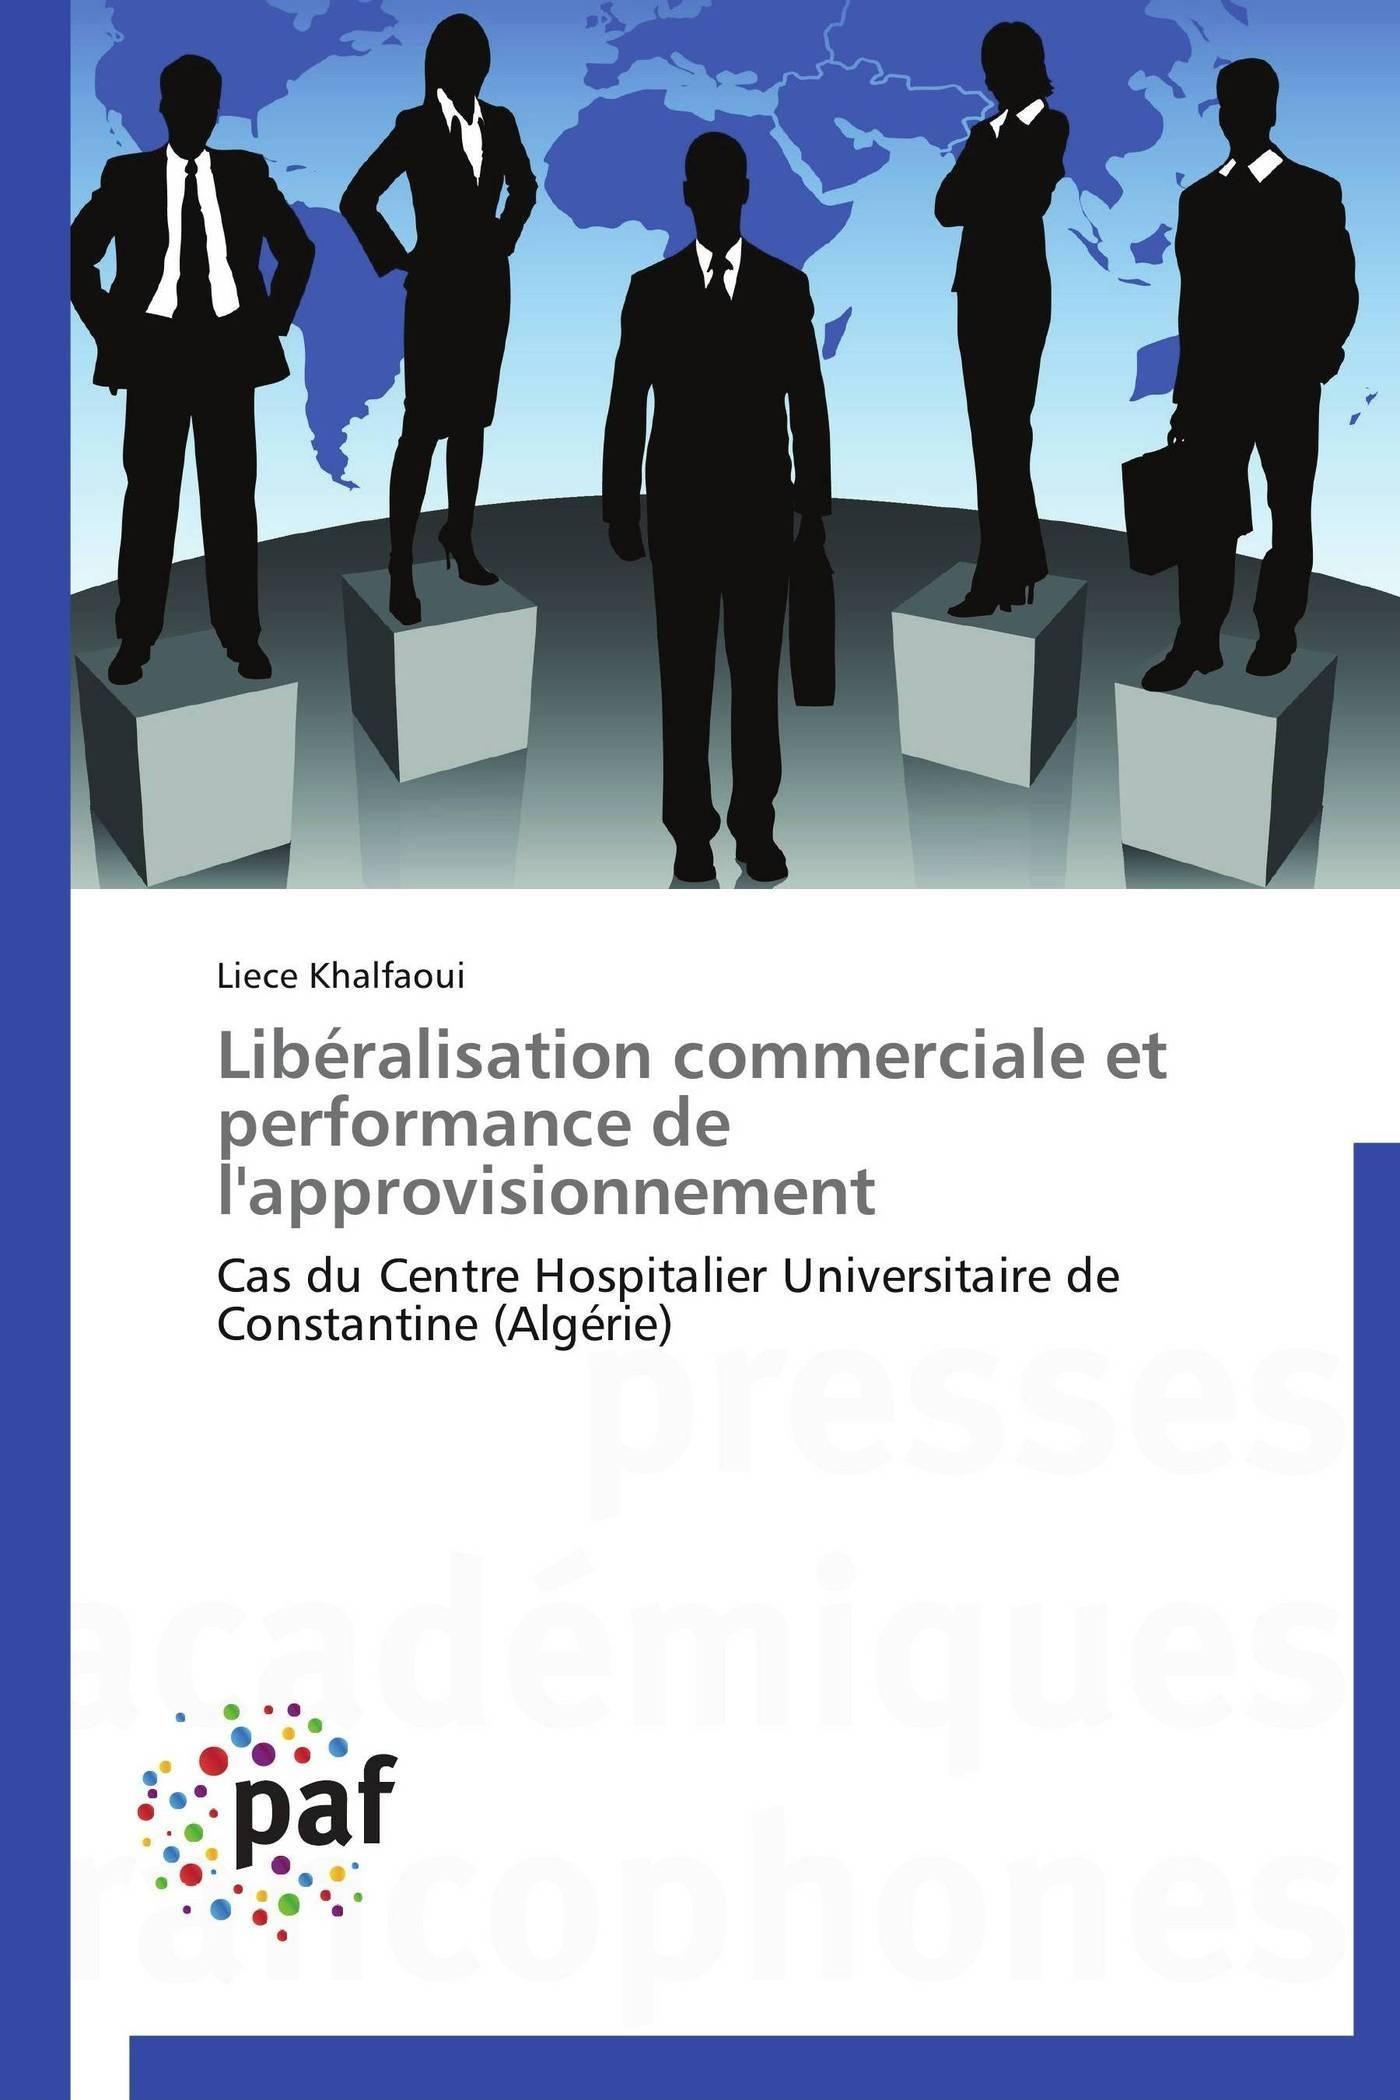 LIBERALISATION COMMERCIALE ET  PERFORMANCE DE L'APPROVISIONNEMENT